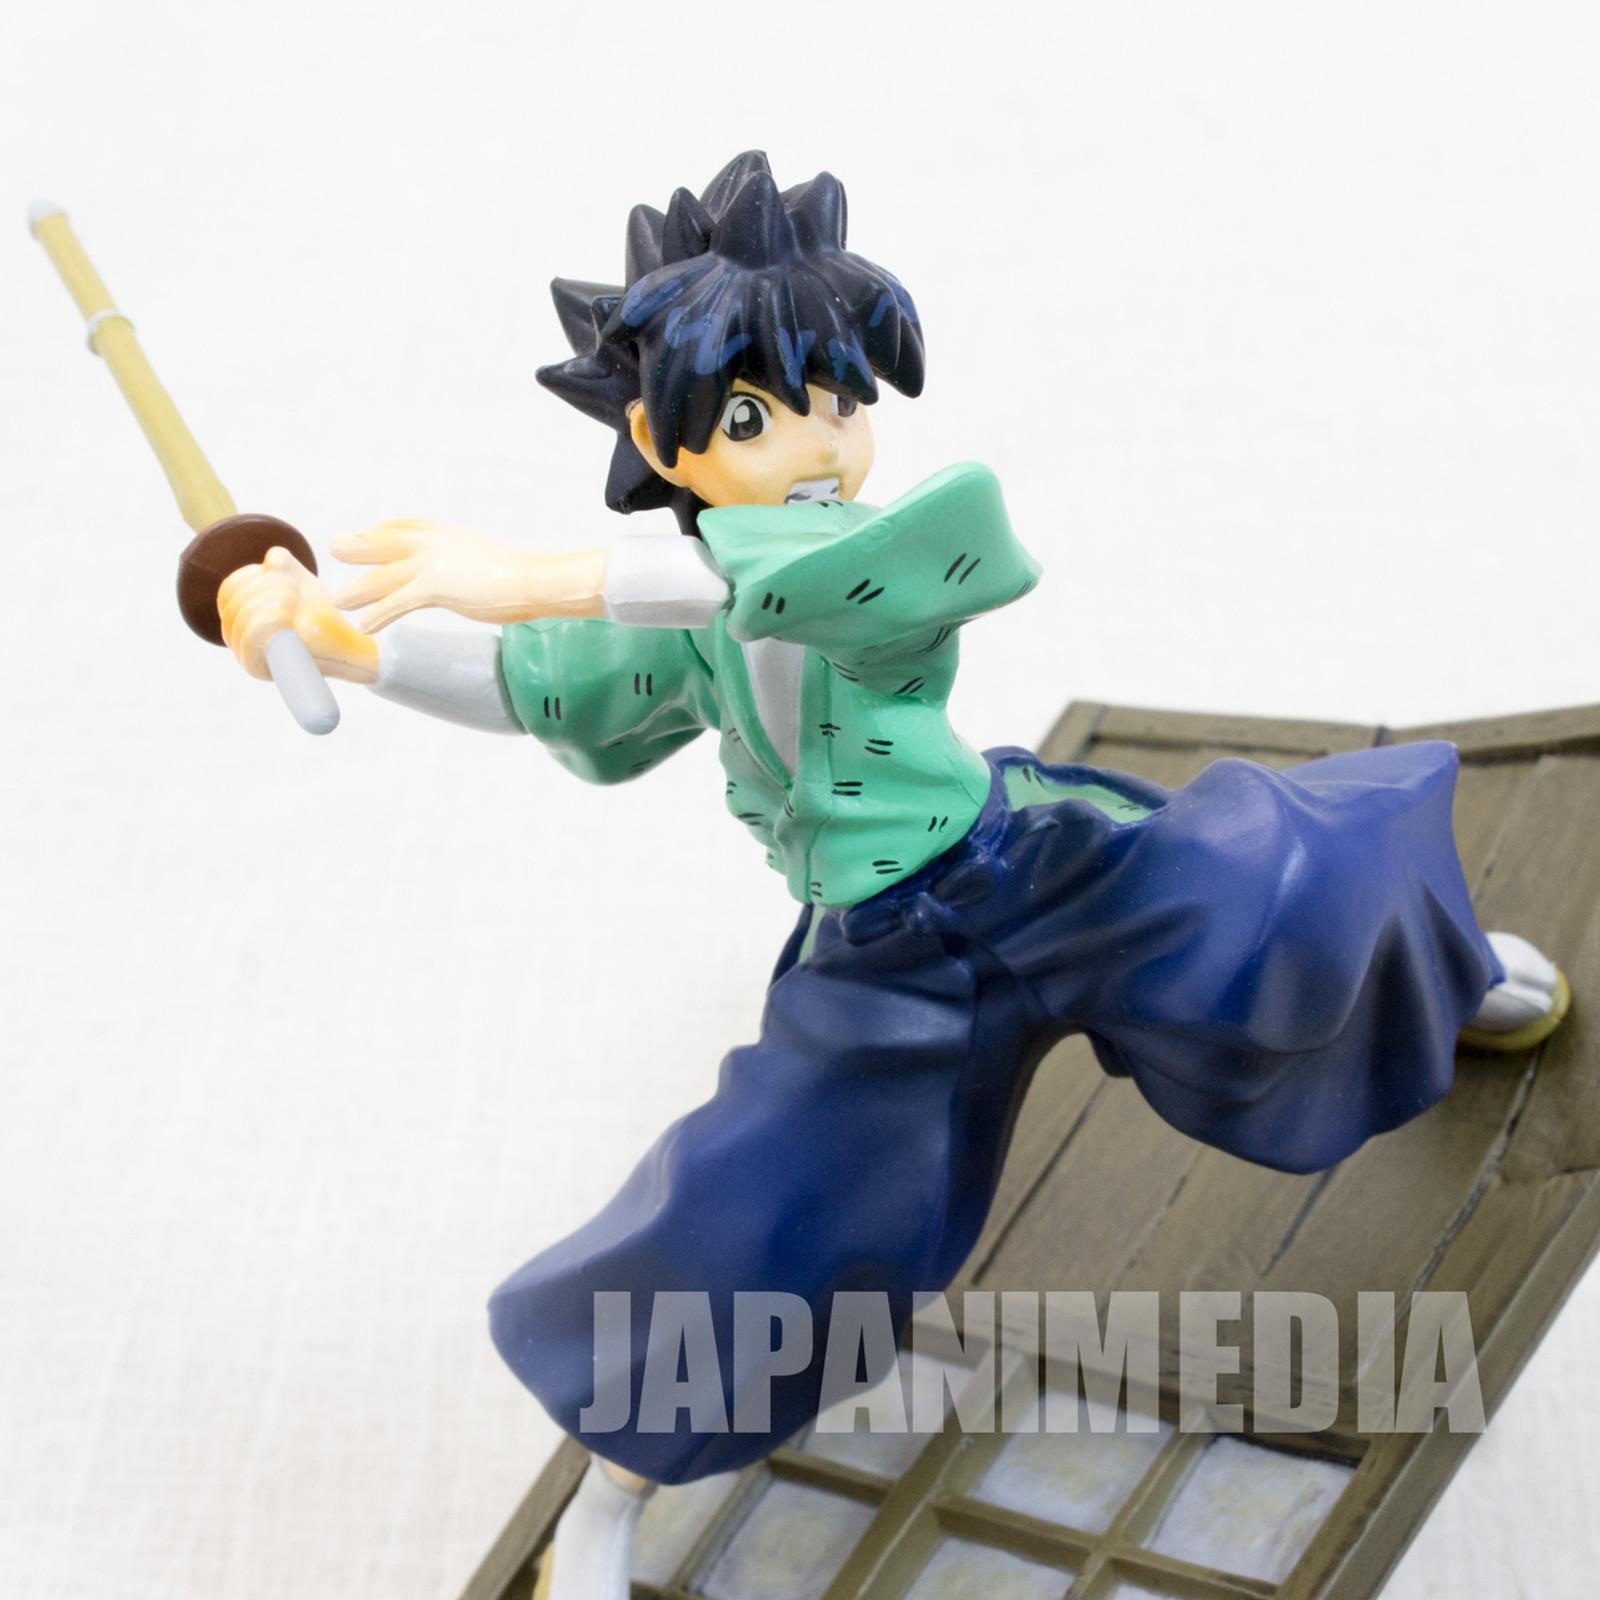 Rurouni Kenshin Yahiko Myojin Story Image Figure SIF YAMATO JAPAN